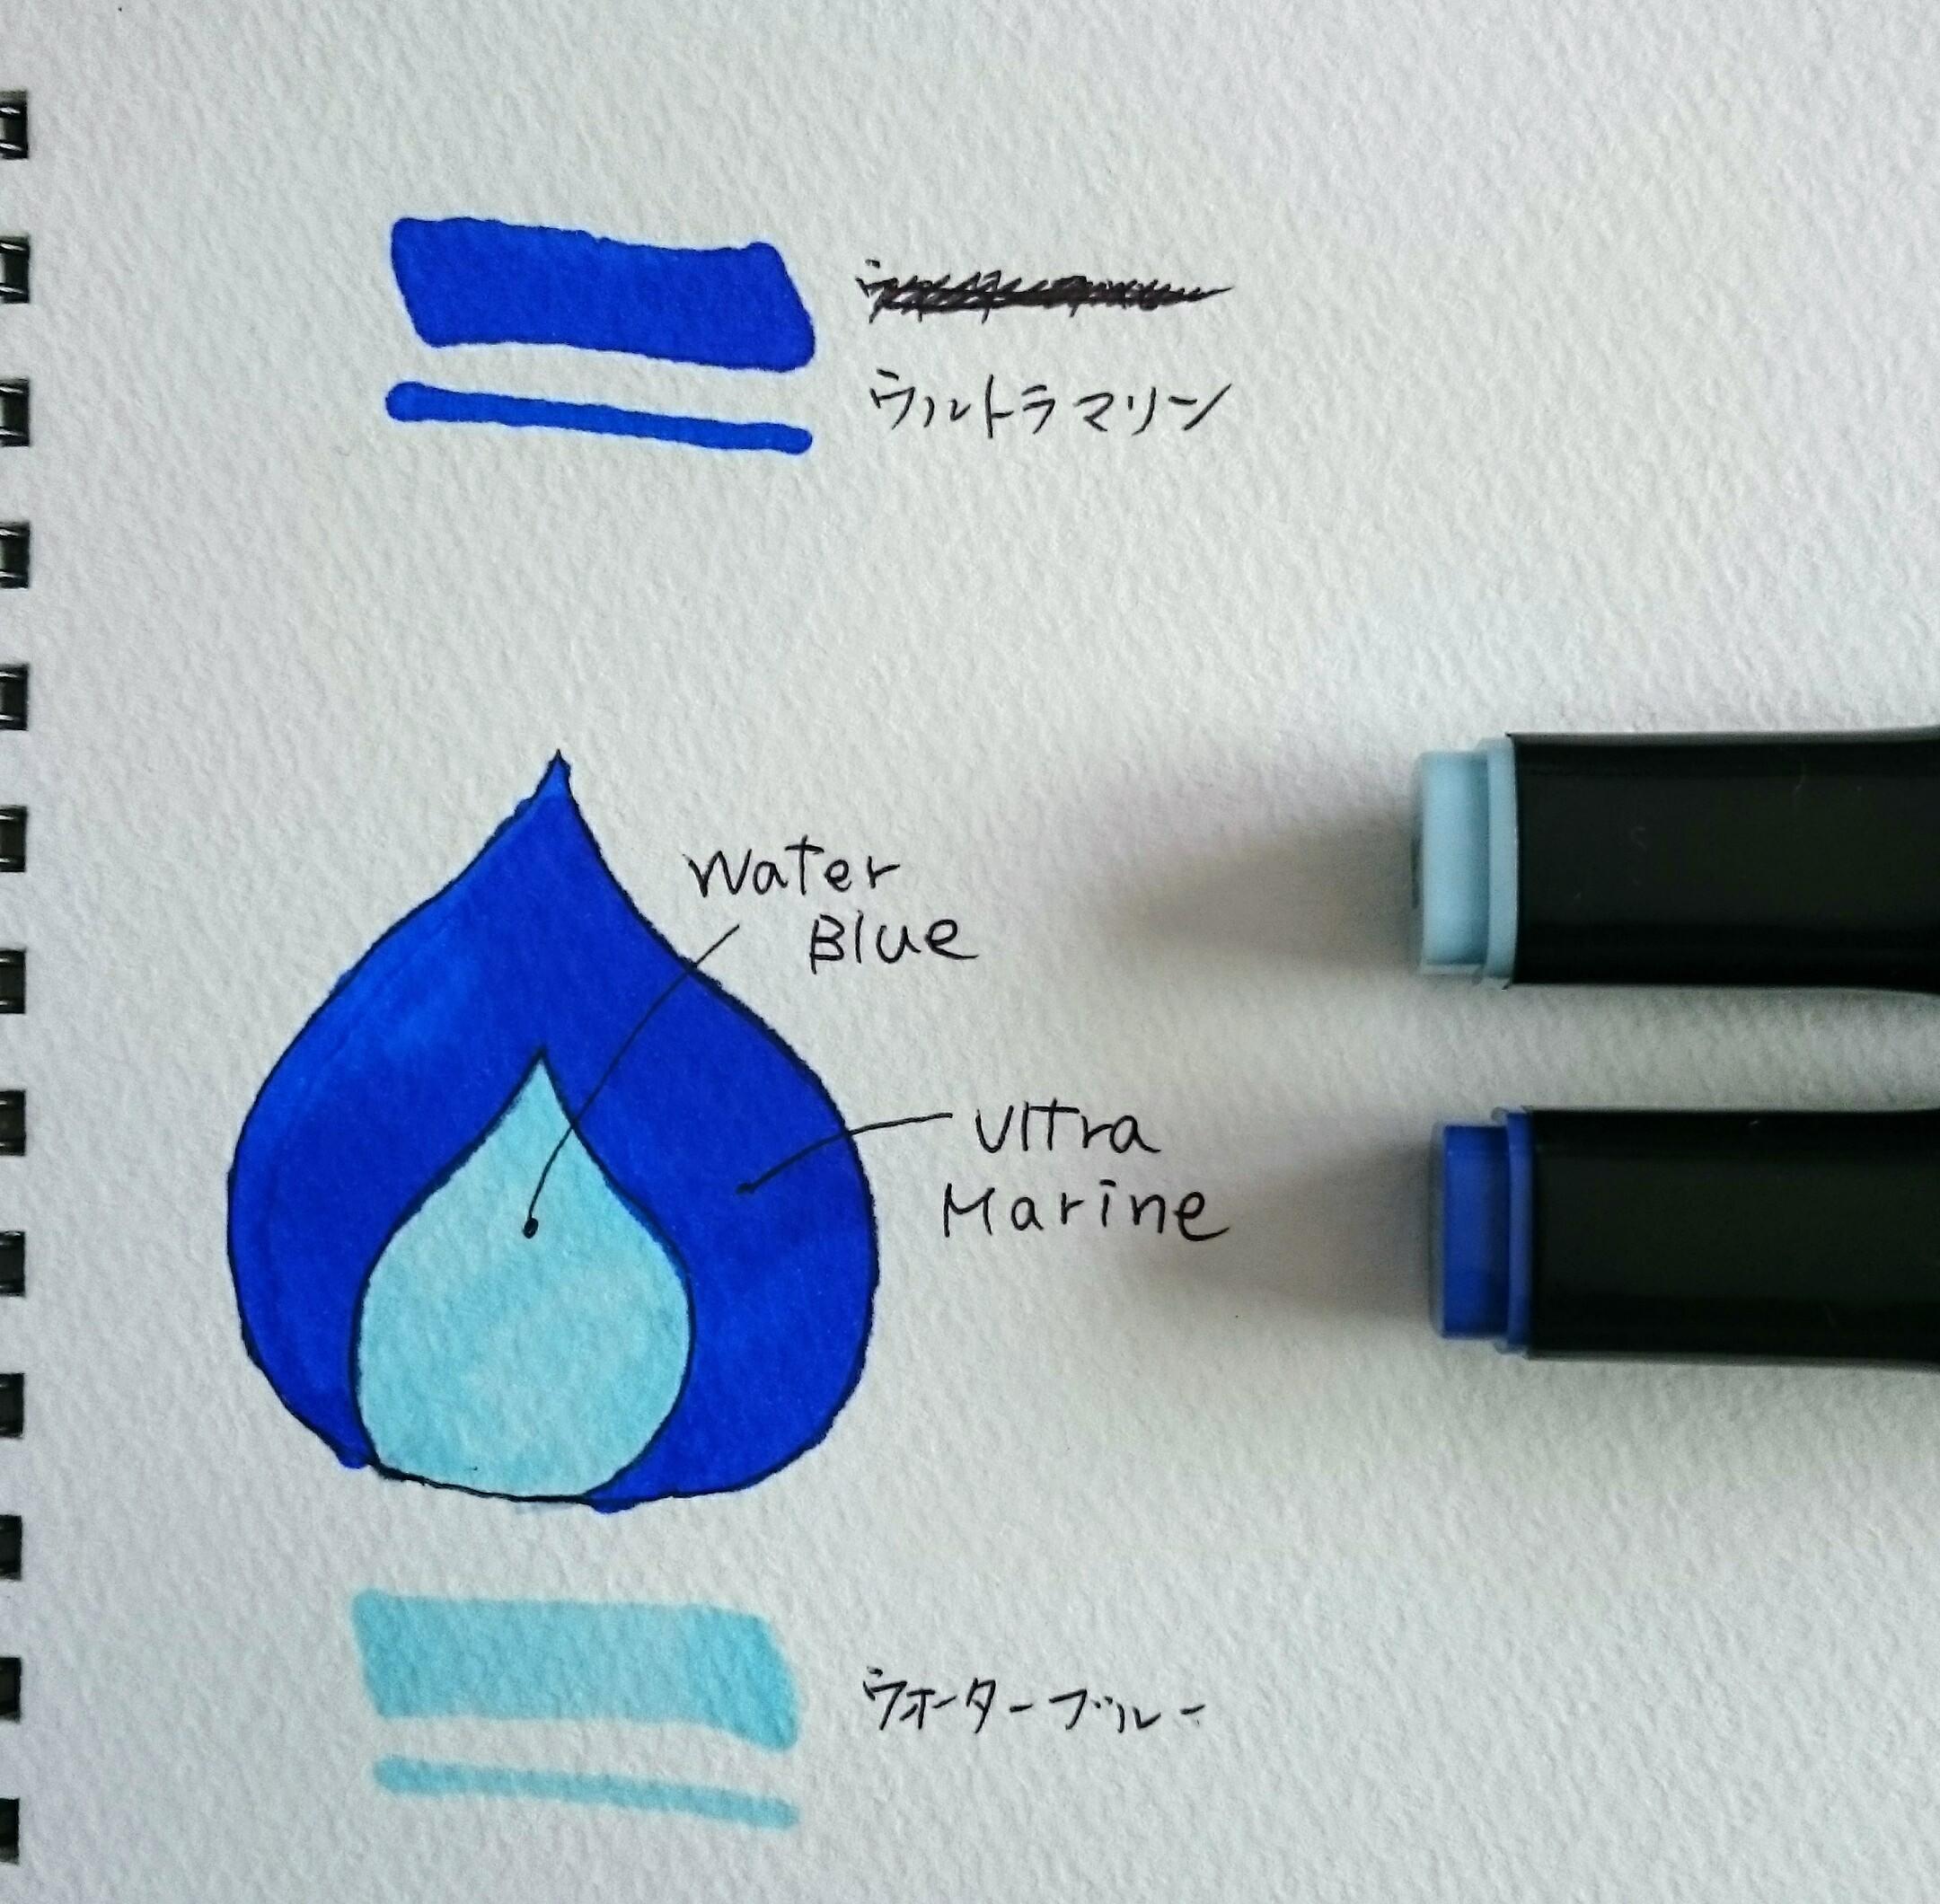 青系インク